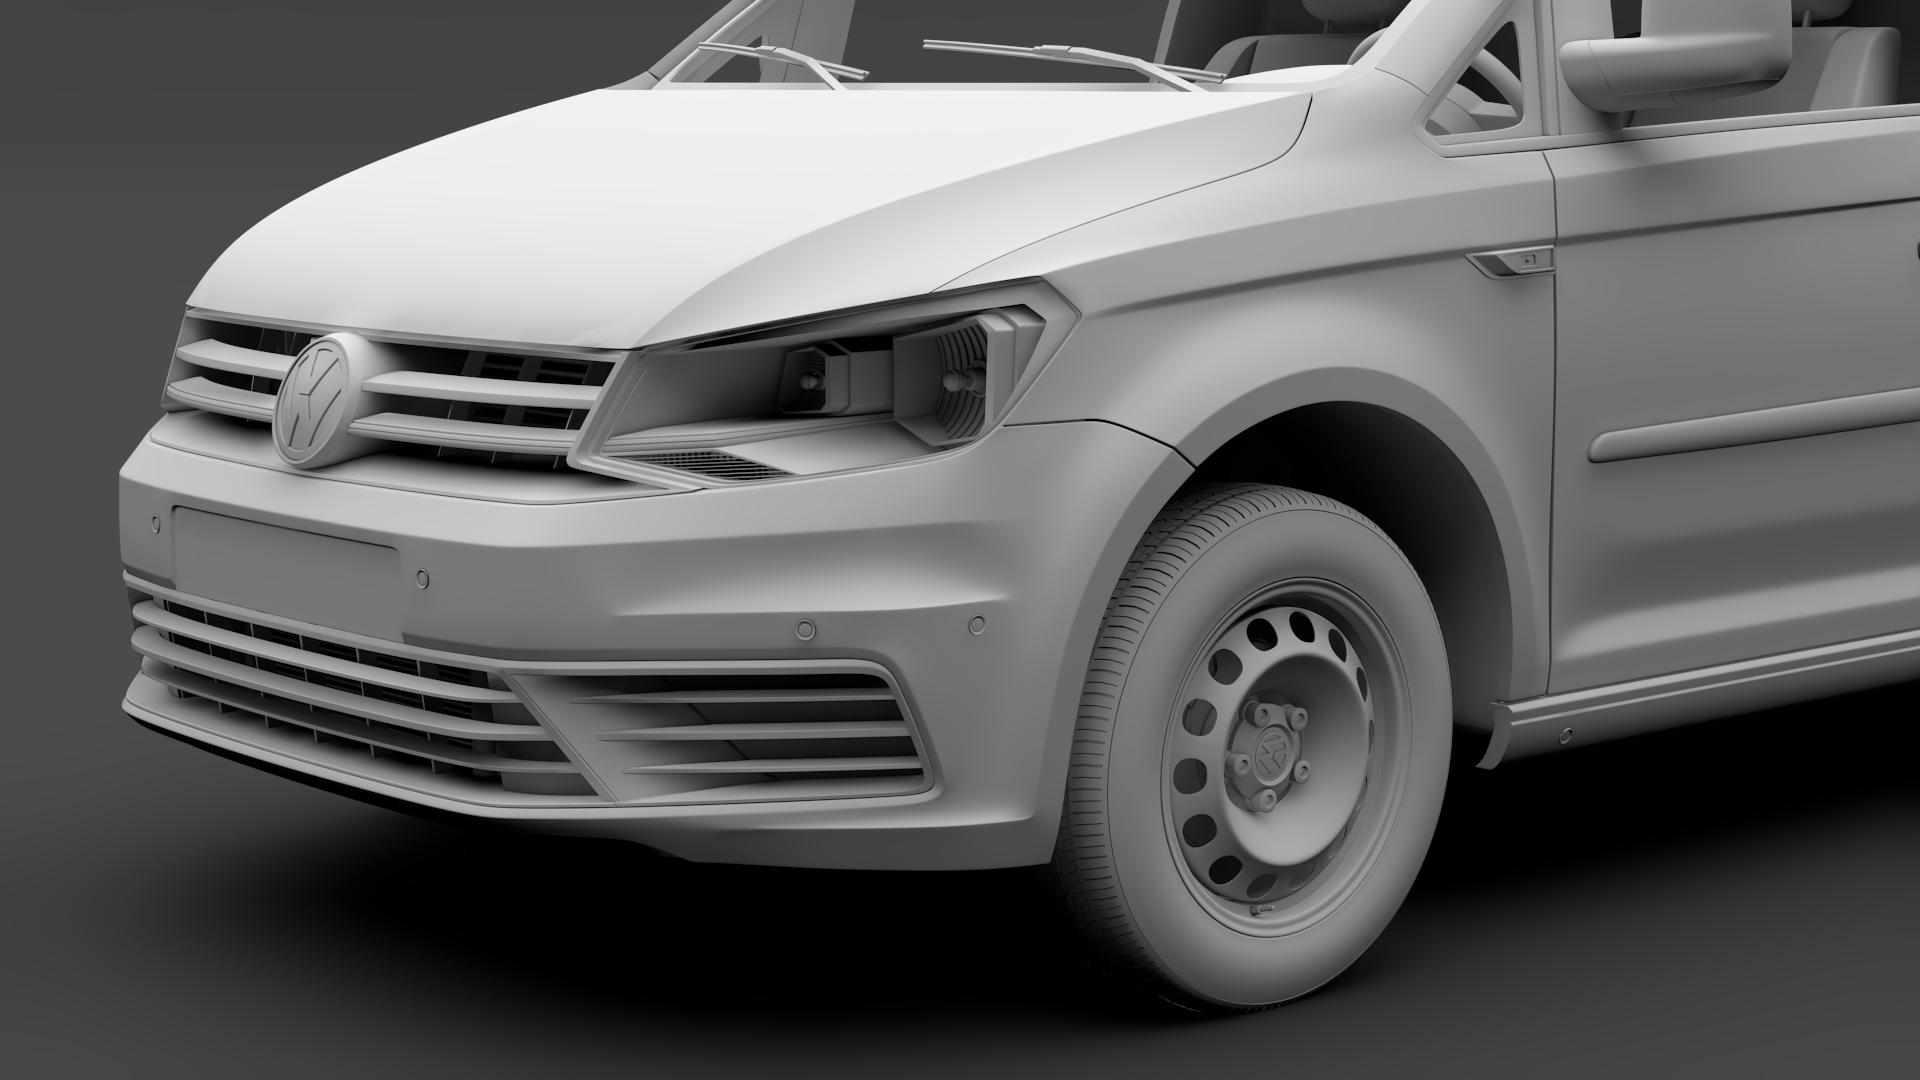 volkswagen caddy panel van l2 2017 3d model max fbx c4d lwo ma mb hrc xsi obj 274610